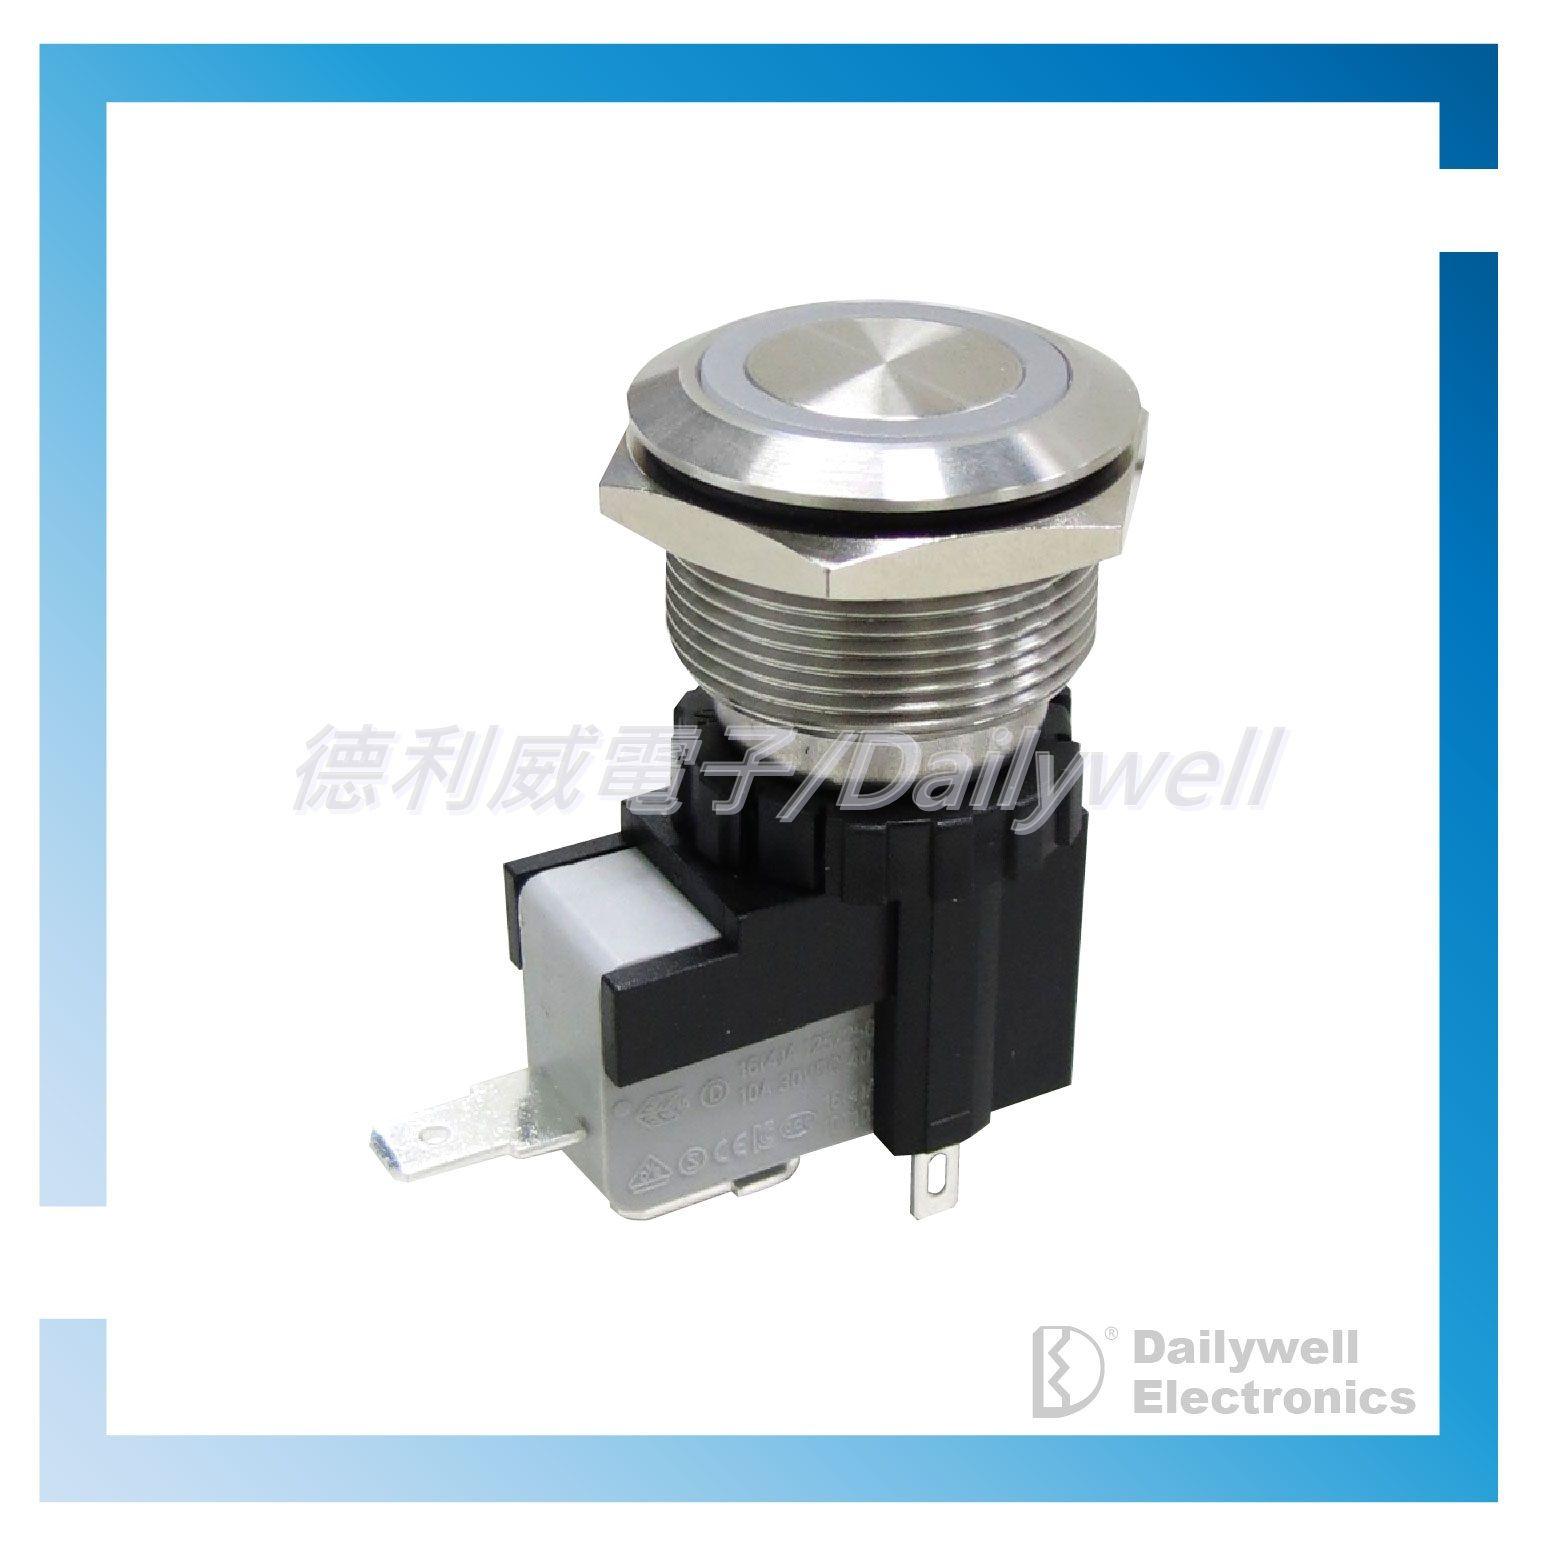 Vysokoproudé antivandalové tlačítkové spínače 22 mm